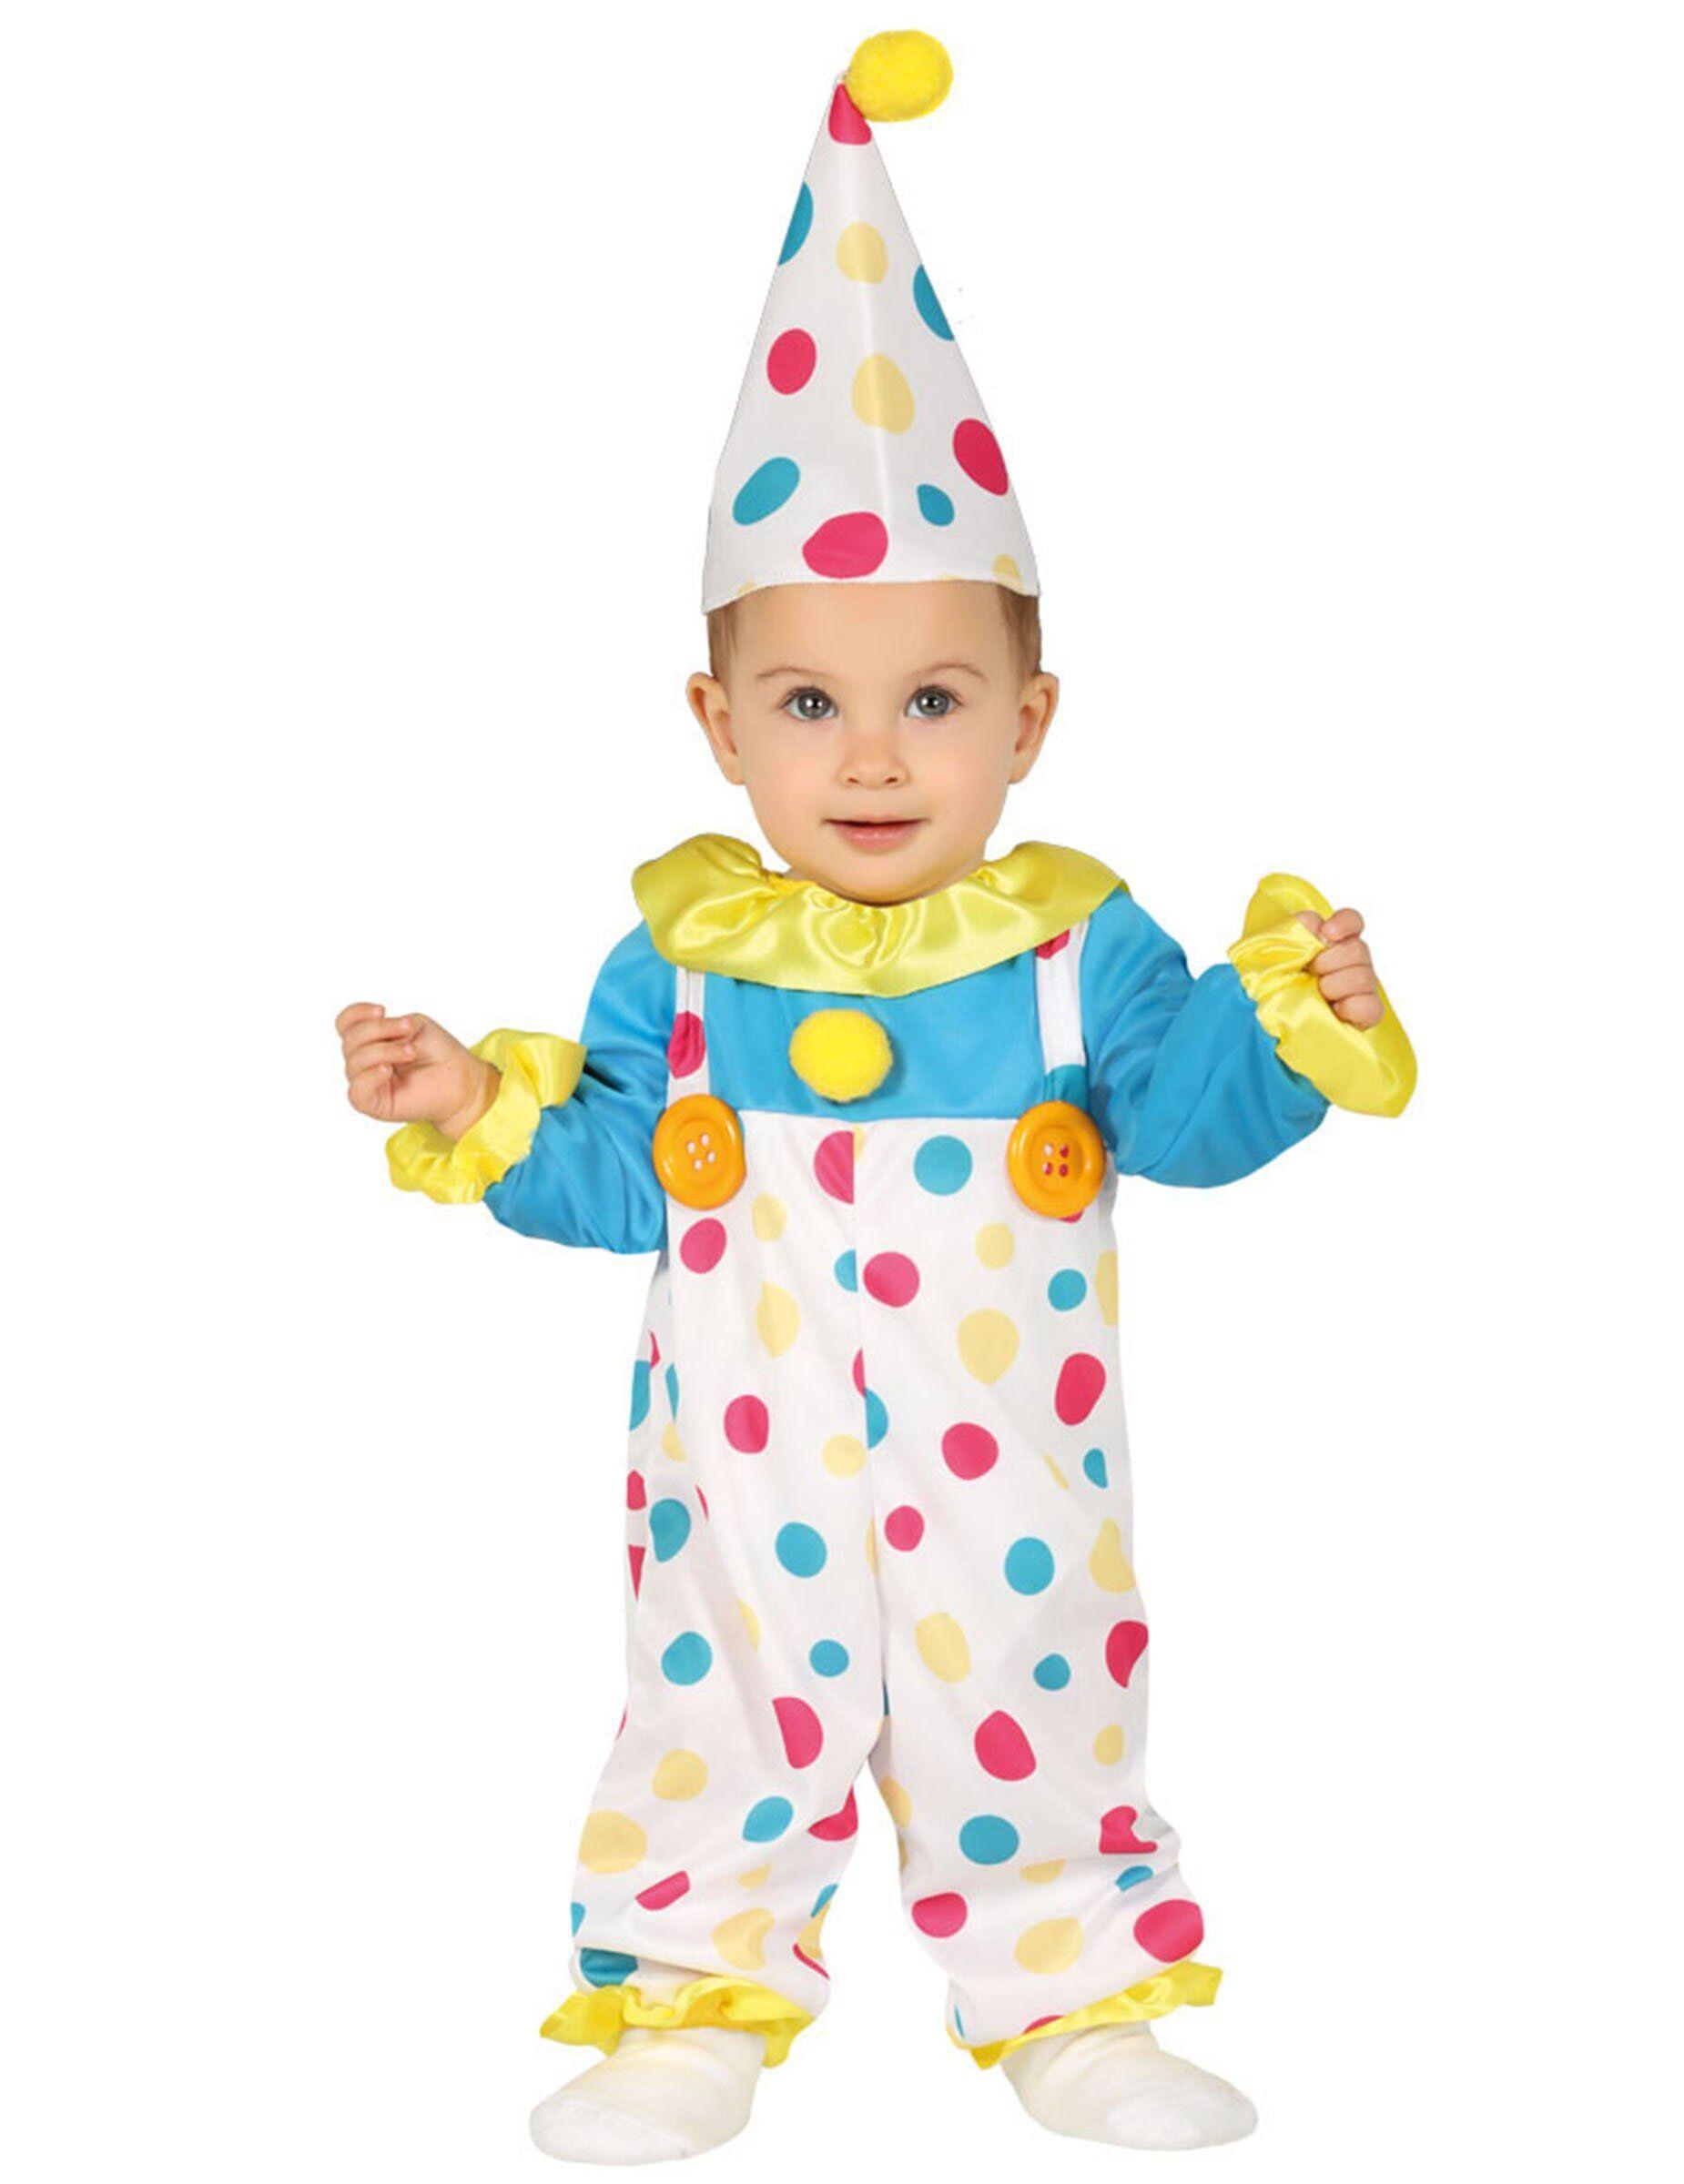 Deguisetoi Déguisement combinaison clown à pois pastel bébé - Taille: 6 à 12 mois (82-83 cm)